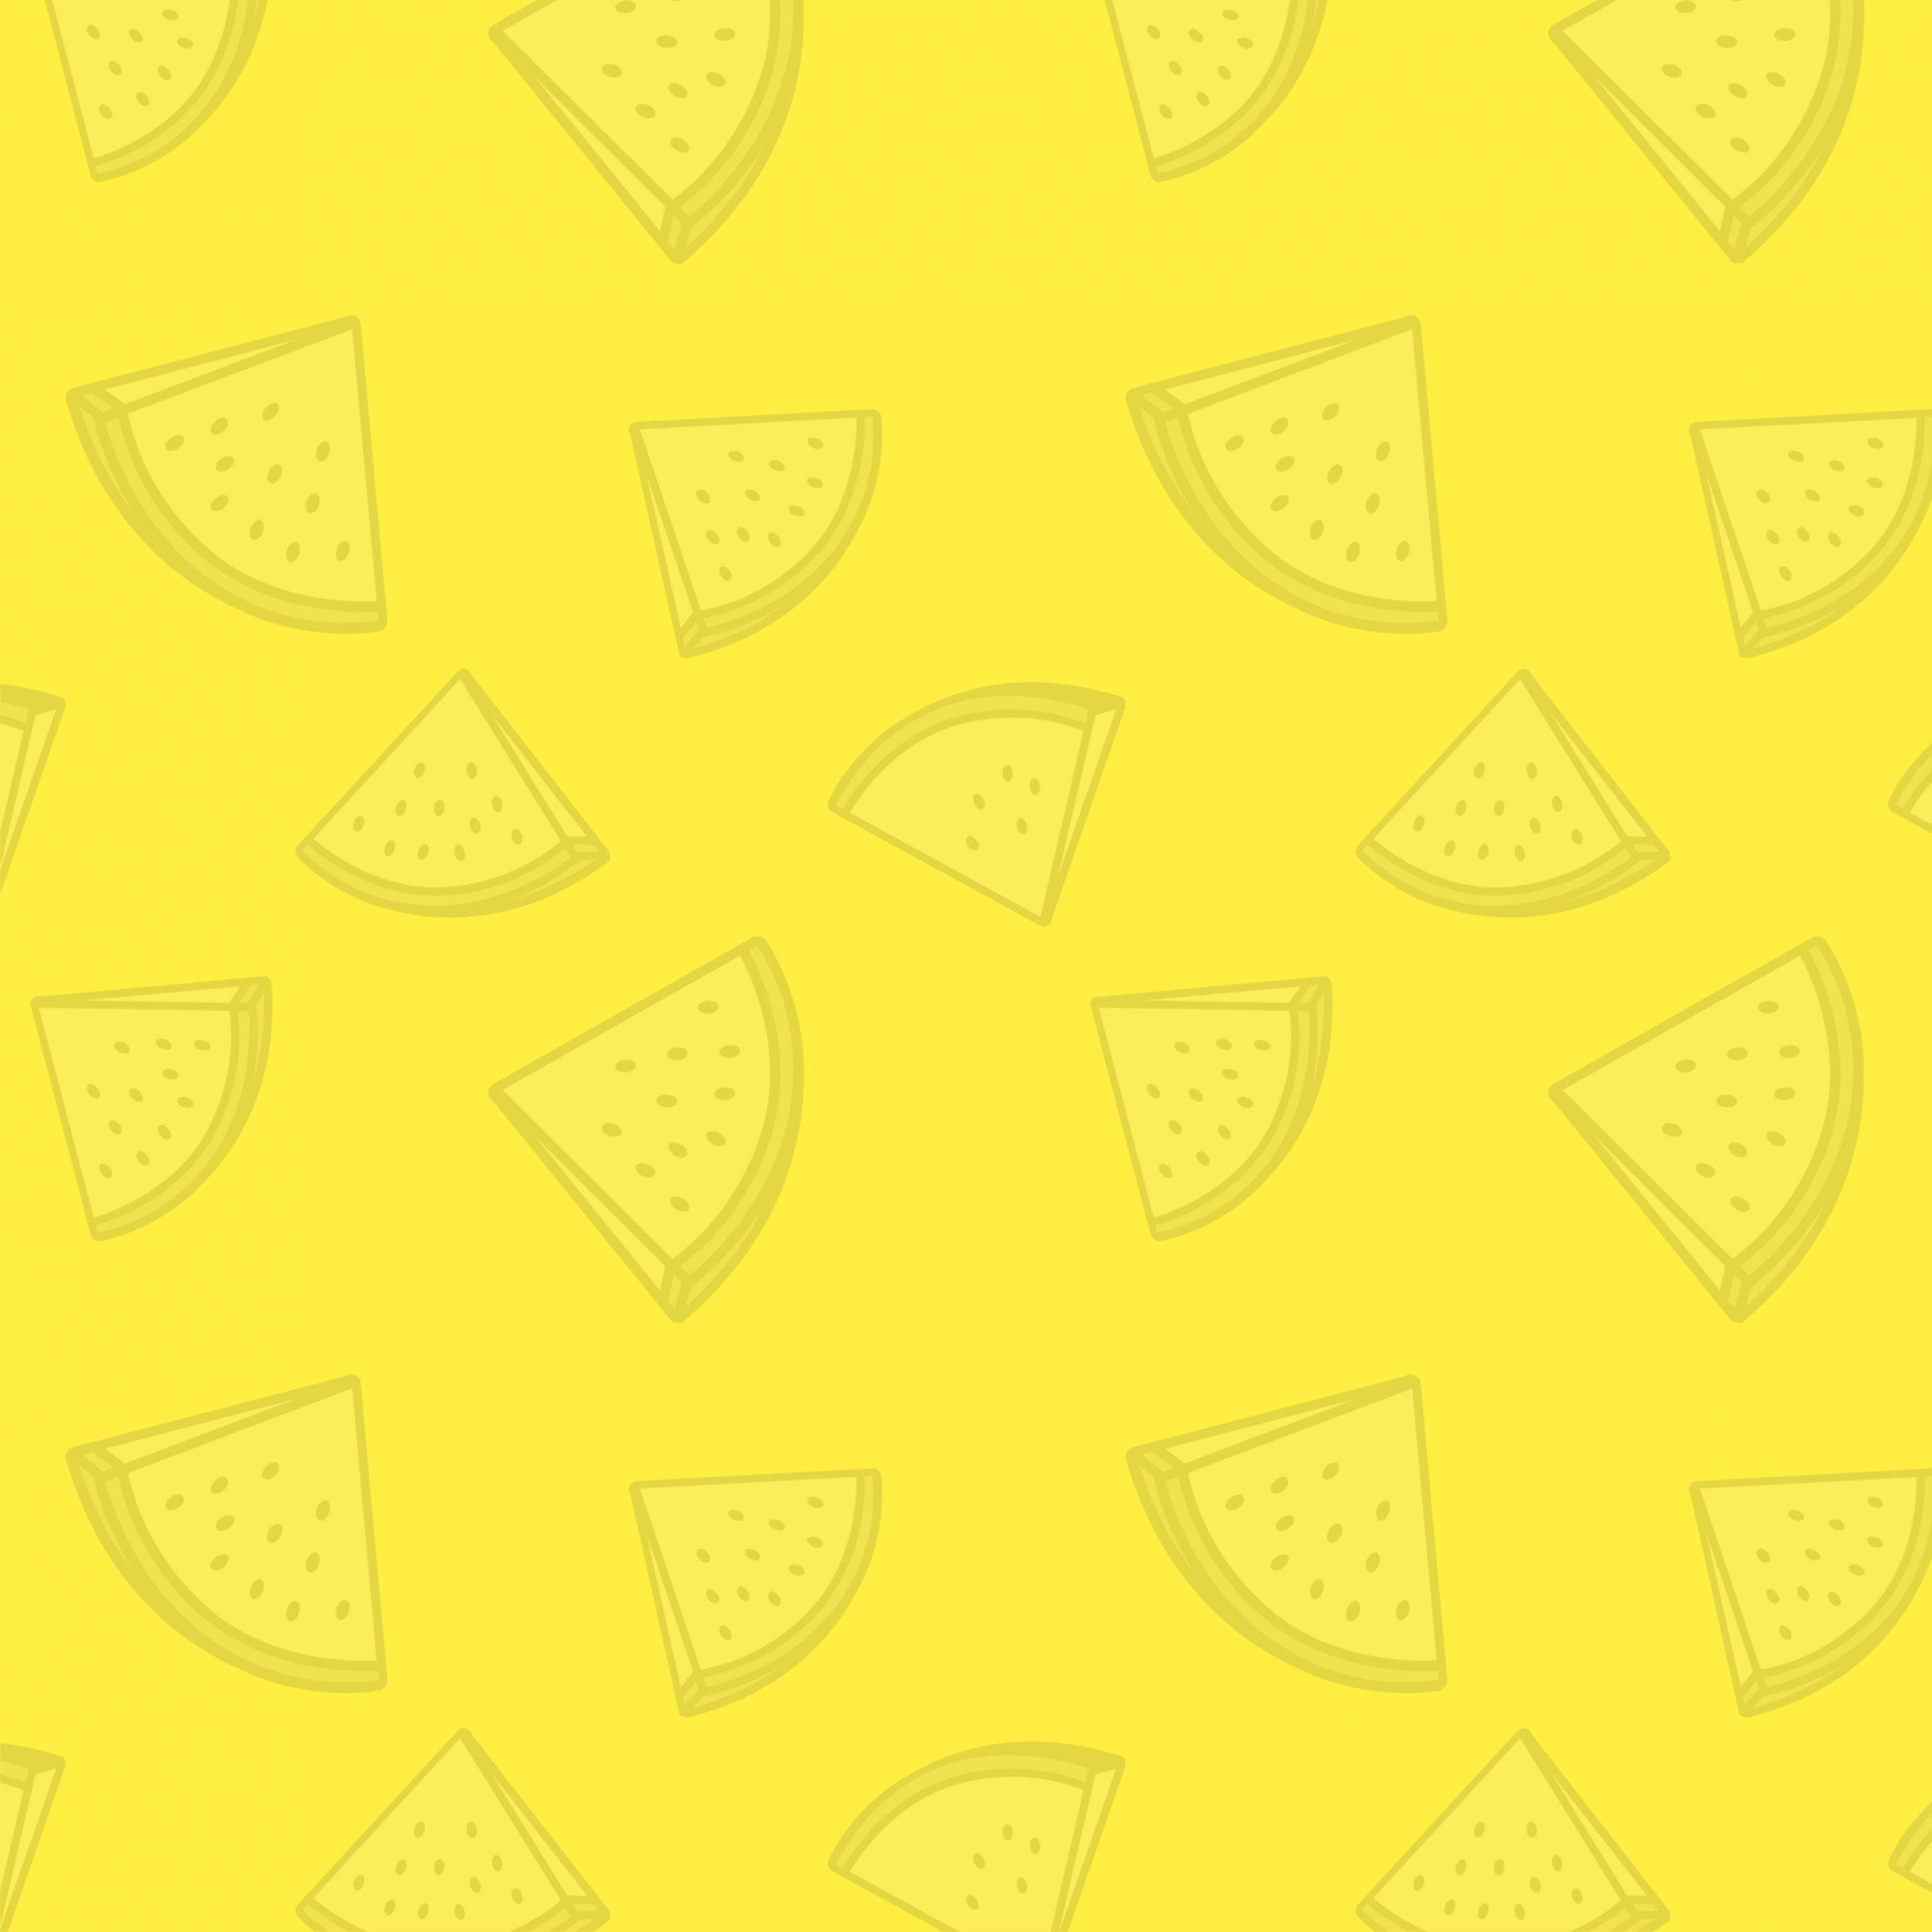 2780x2780 Parallax wallpaper 4k Watermelon Pattern Yellow iPad Wallpaper 2780x2780 pixels resolution